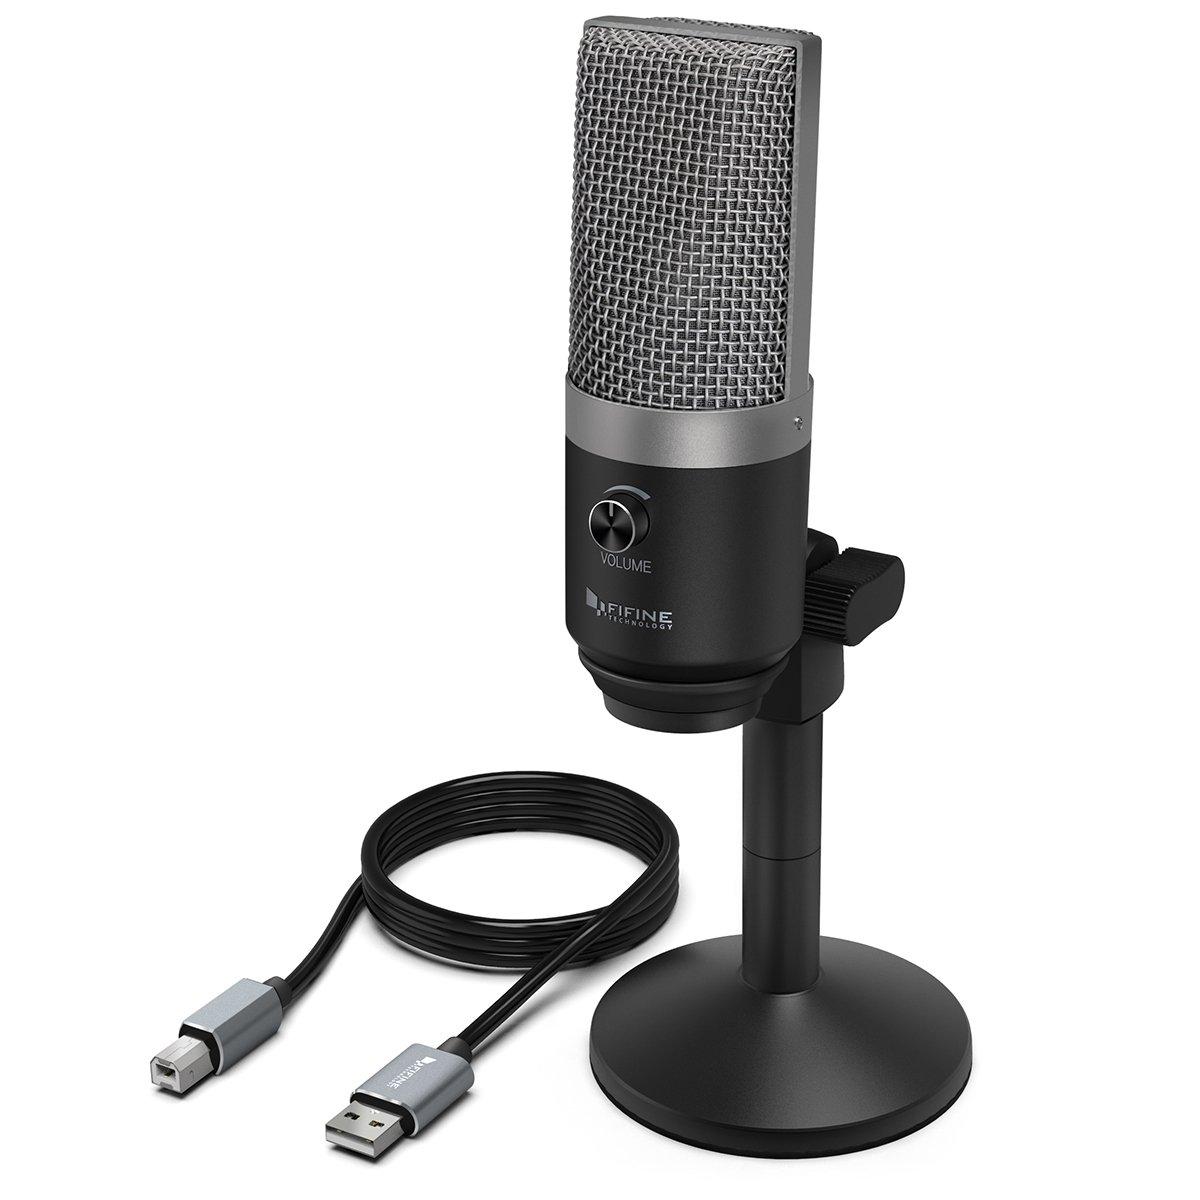 Usb Microphones Amazon : best rated in computer microphones helpful customer reviews ~ Russianpoet.info Haus und Dekorationen